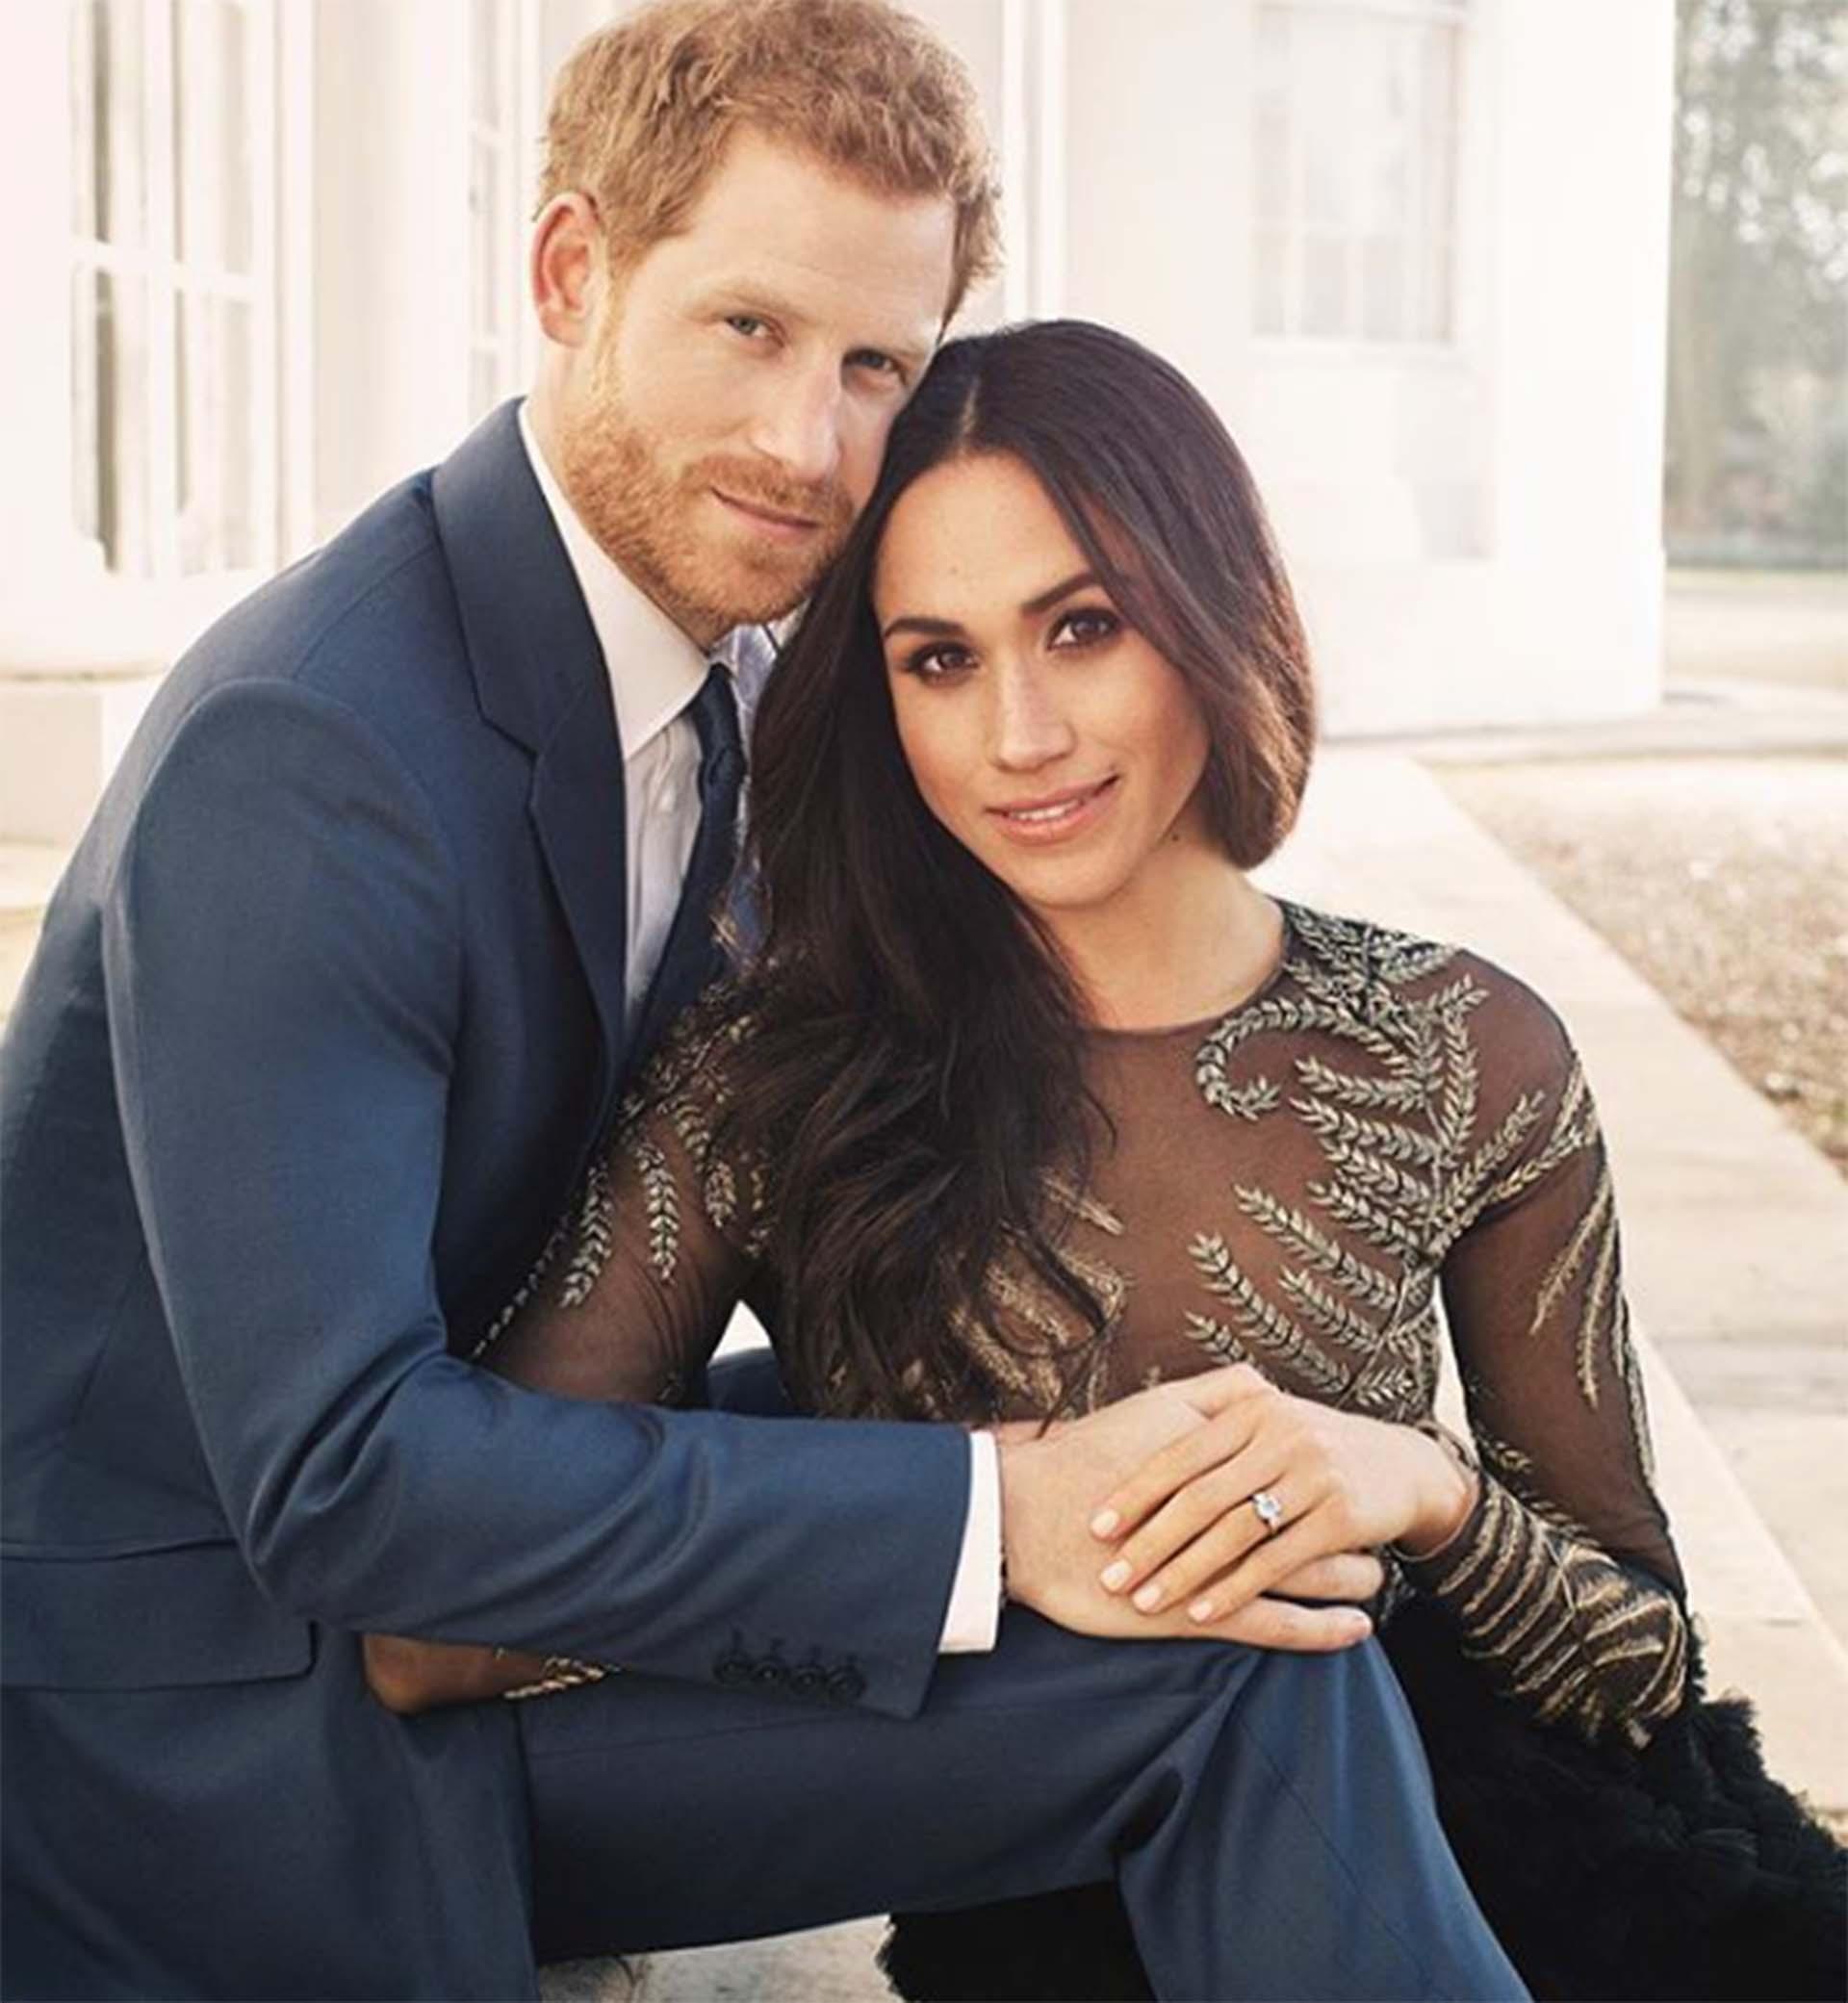 Luego llegaron las fotos oficiales del compromiso que se difundieron el 21 de diciembre de 2017. Un clásico de la realeza, los novios posaron en los jardines de Palacio Kensington, la serie fue tomada por Alexi Lubomirski, quién oficiará de fotógrafo de boda el 19 de mayo